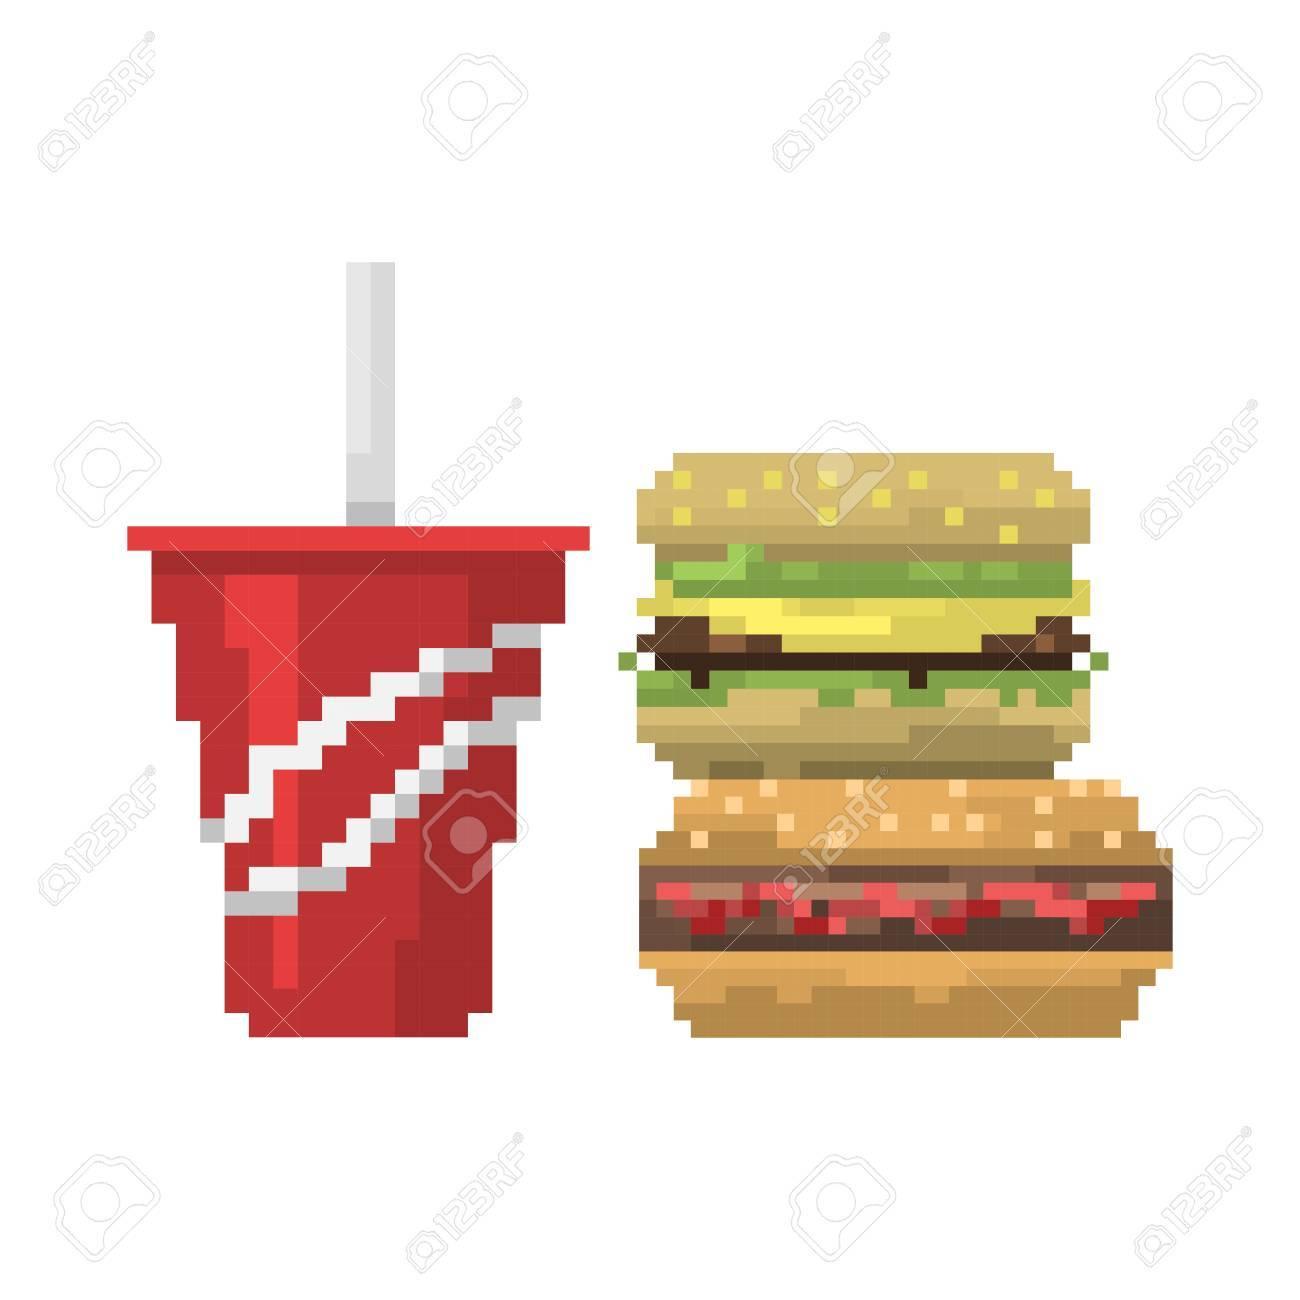 Pixel Art Fast Food Hamburger Et Cola Icônes Vecteur